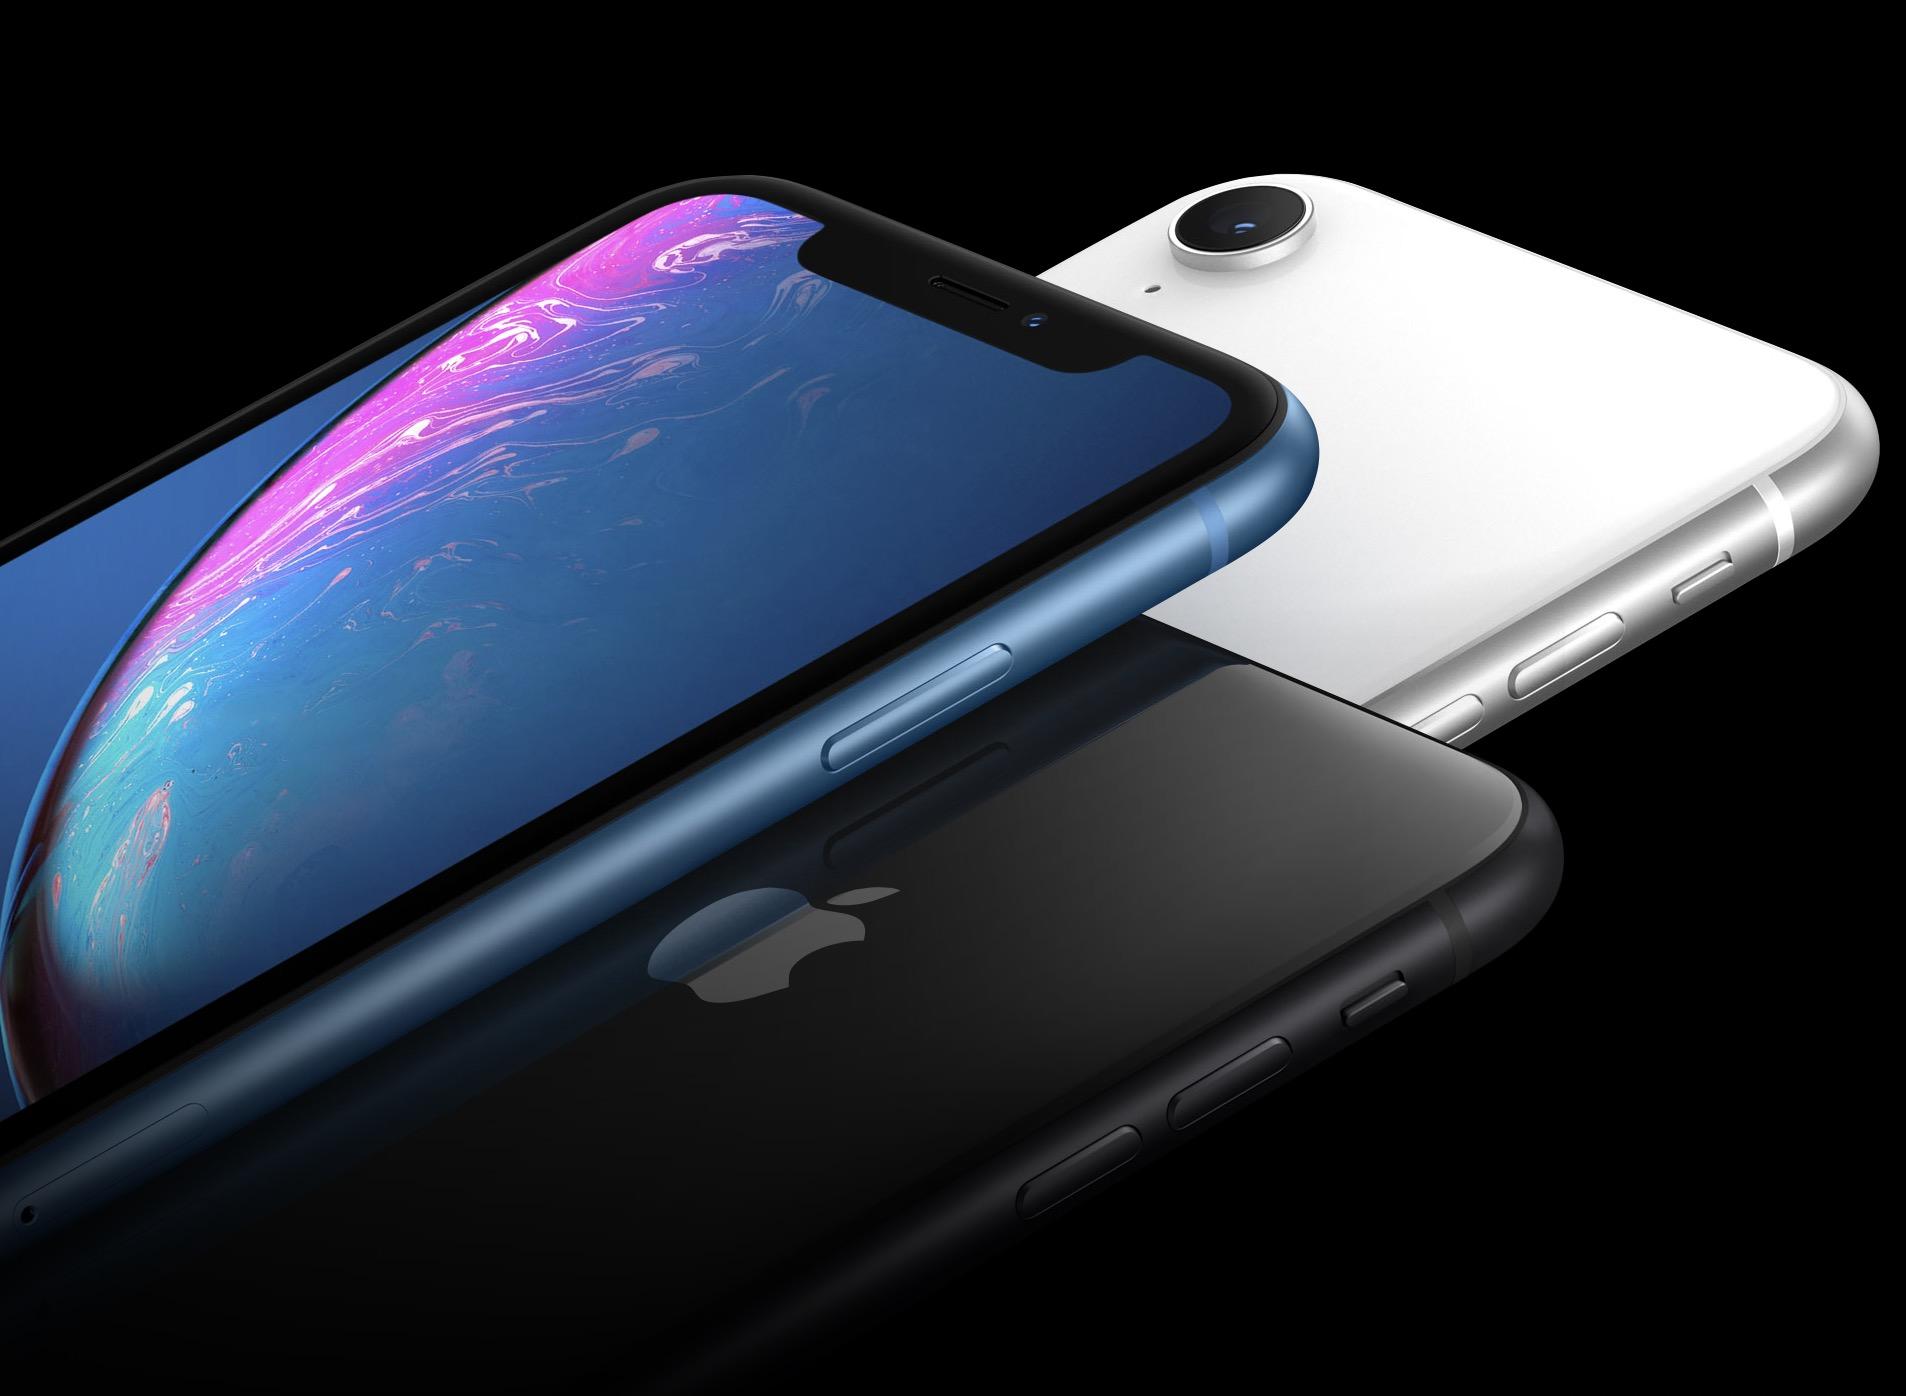 2019ko 10 smartphone ezagunenen zerrenda ezagutzen dugu. Urtea izan zen Apple'eta